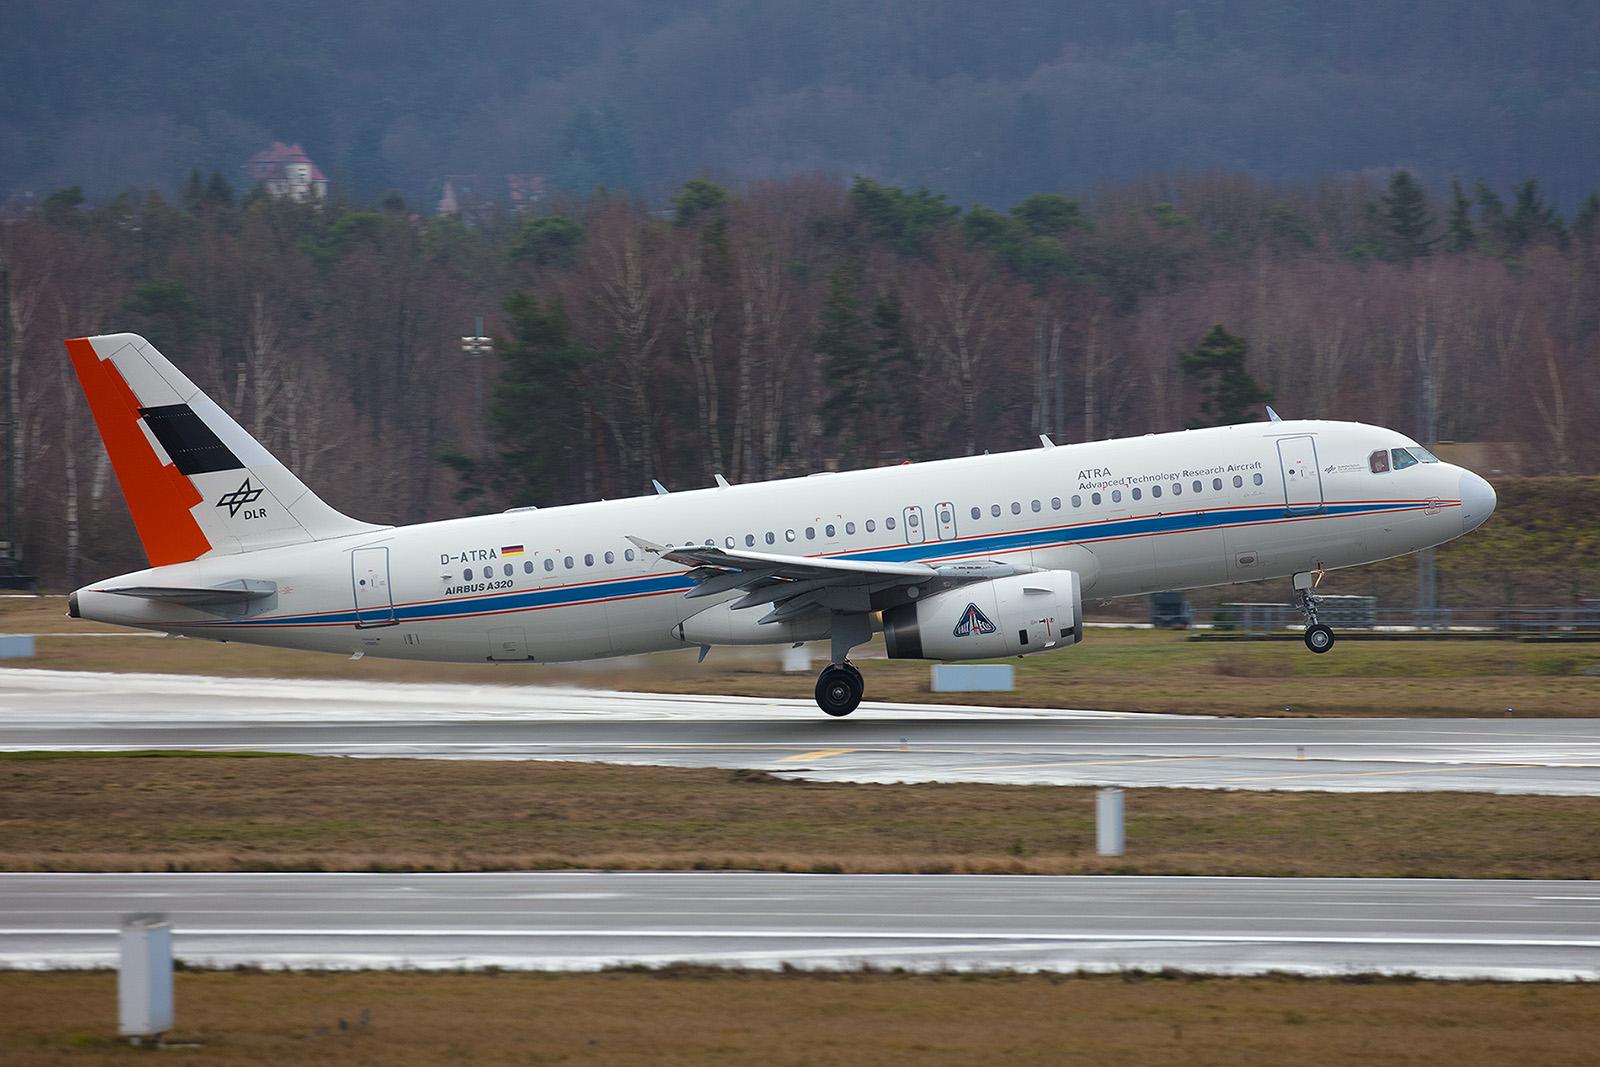 Der A320 des DLR startet zum vierten gemeinsamen Forschungsflug.